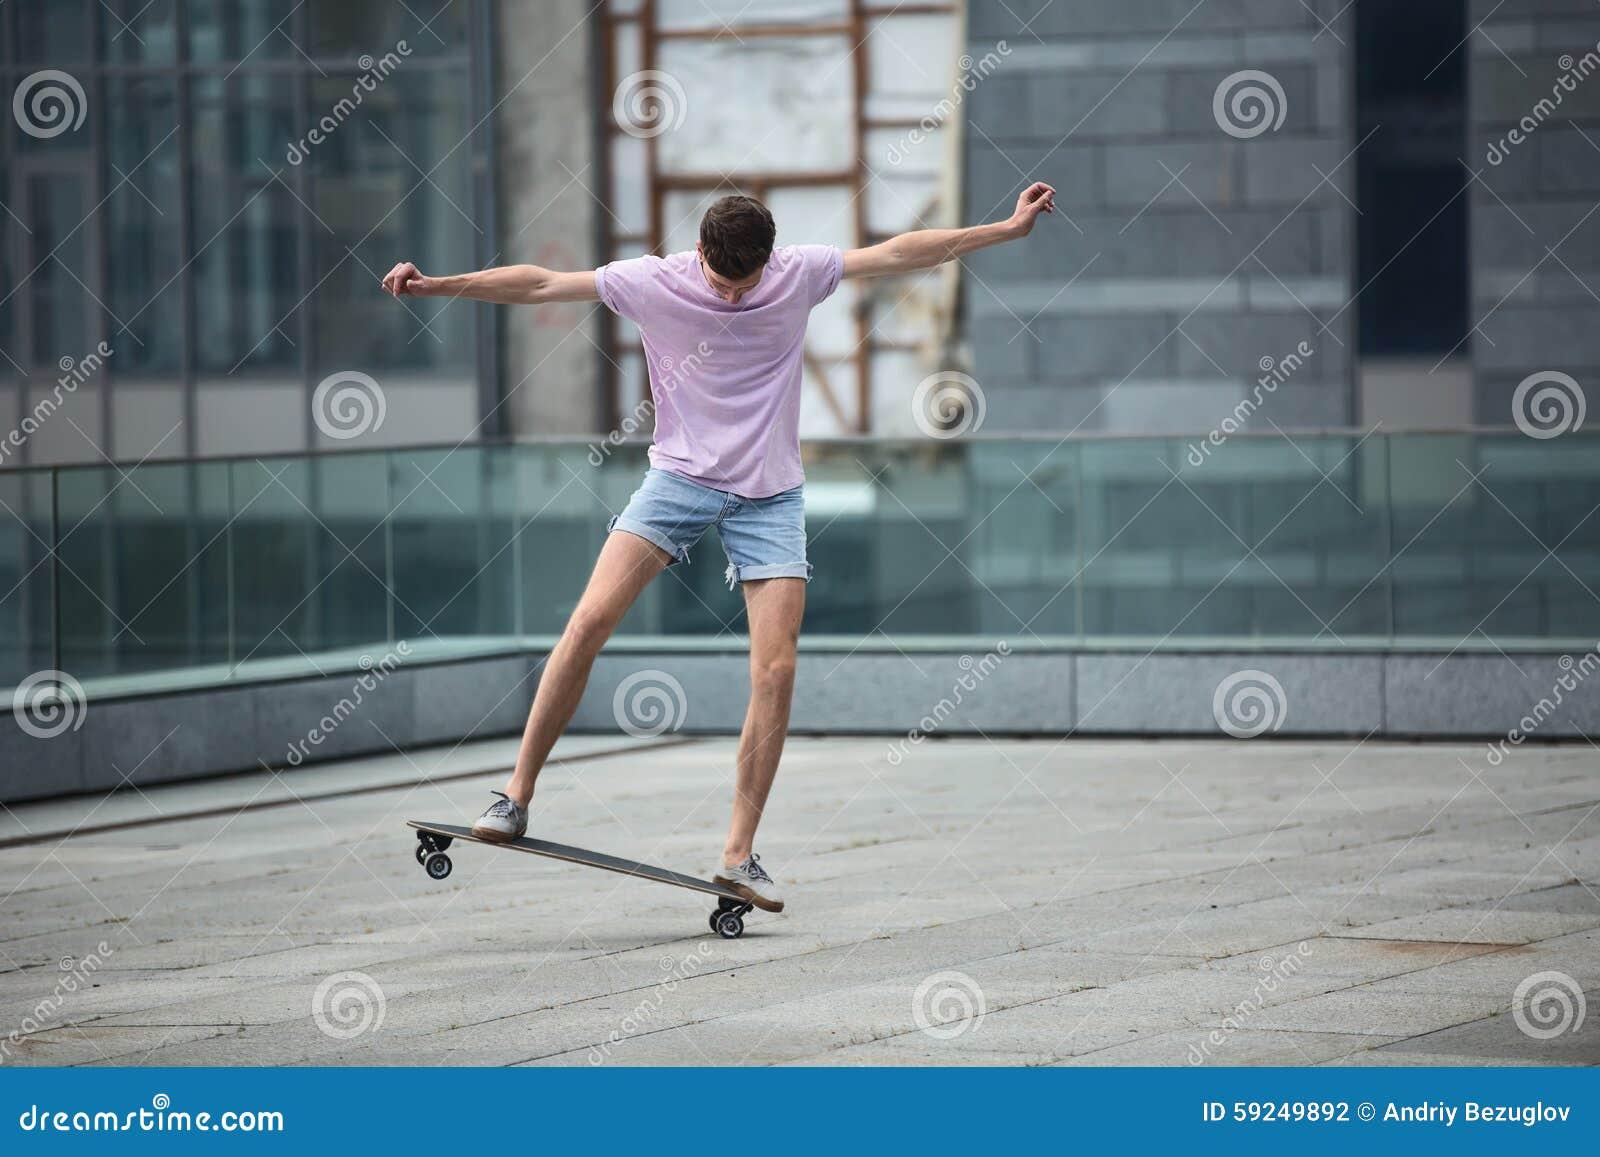 El adolescente elegante hace trucos de un longboard